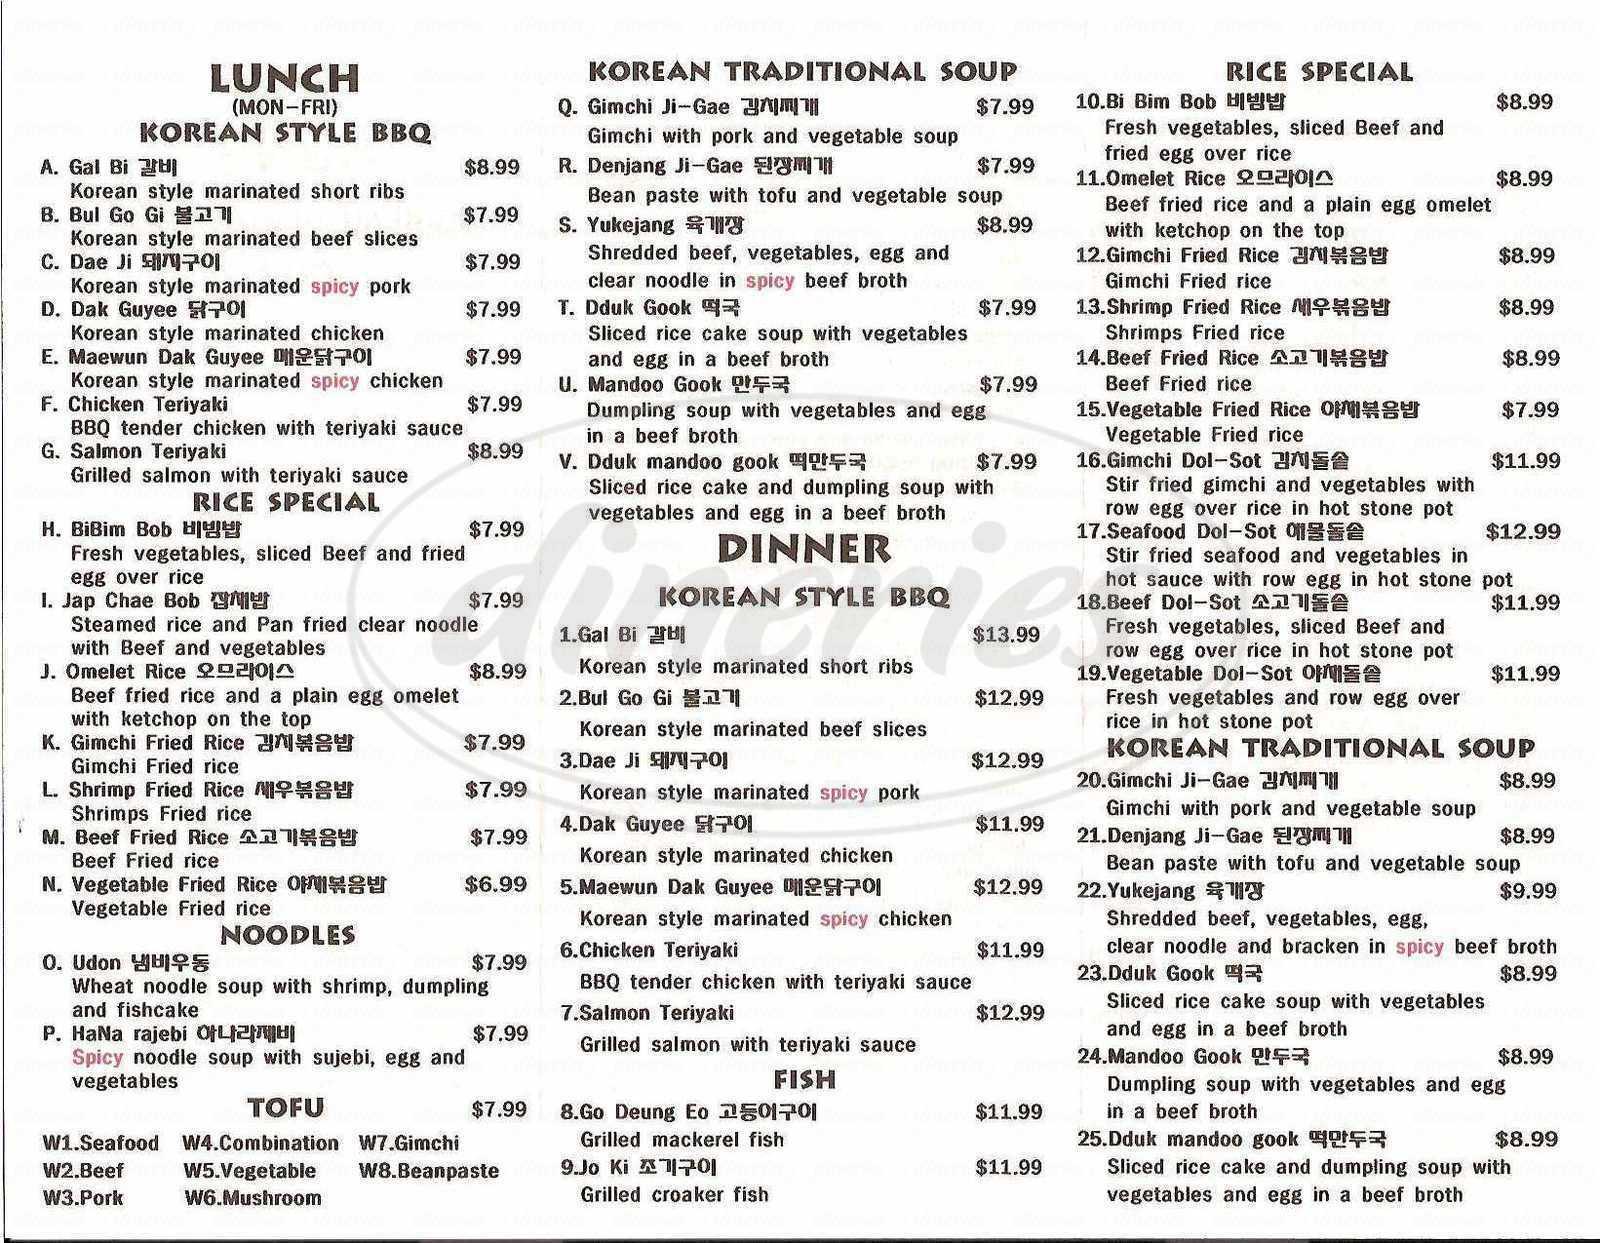 menu for Hana